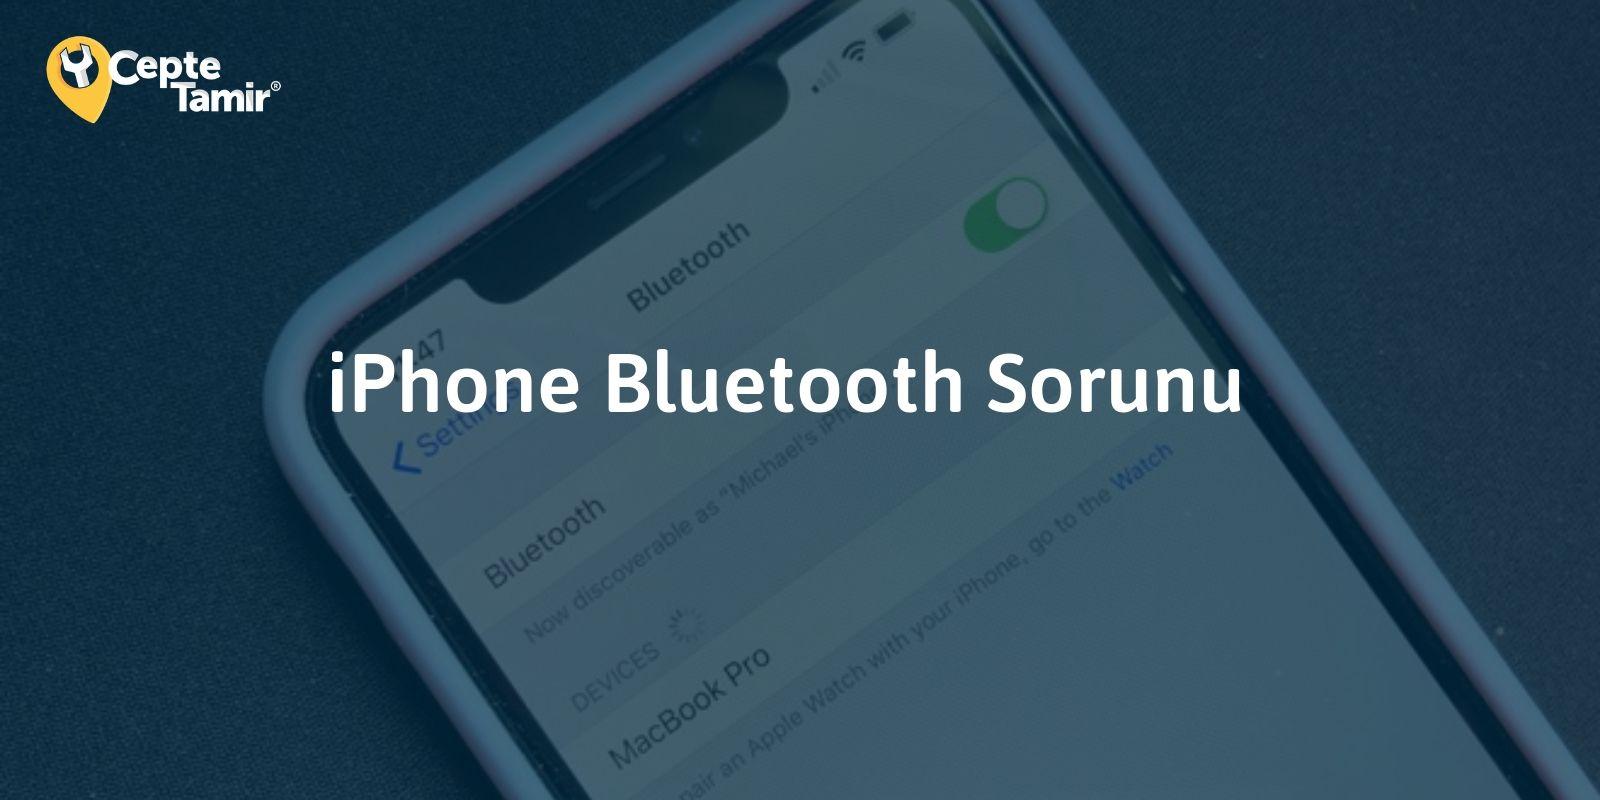 iPhone Bluetooth Sorunu ve Çözümü